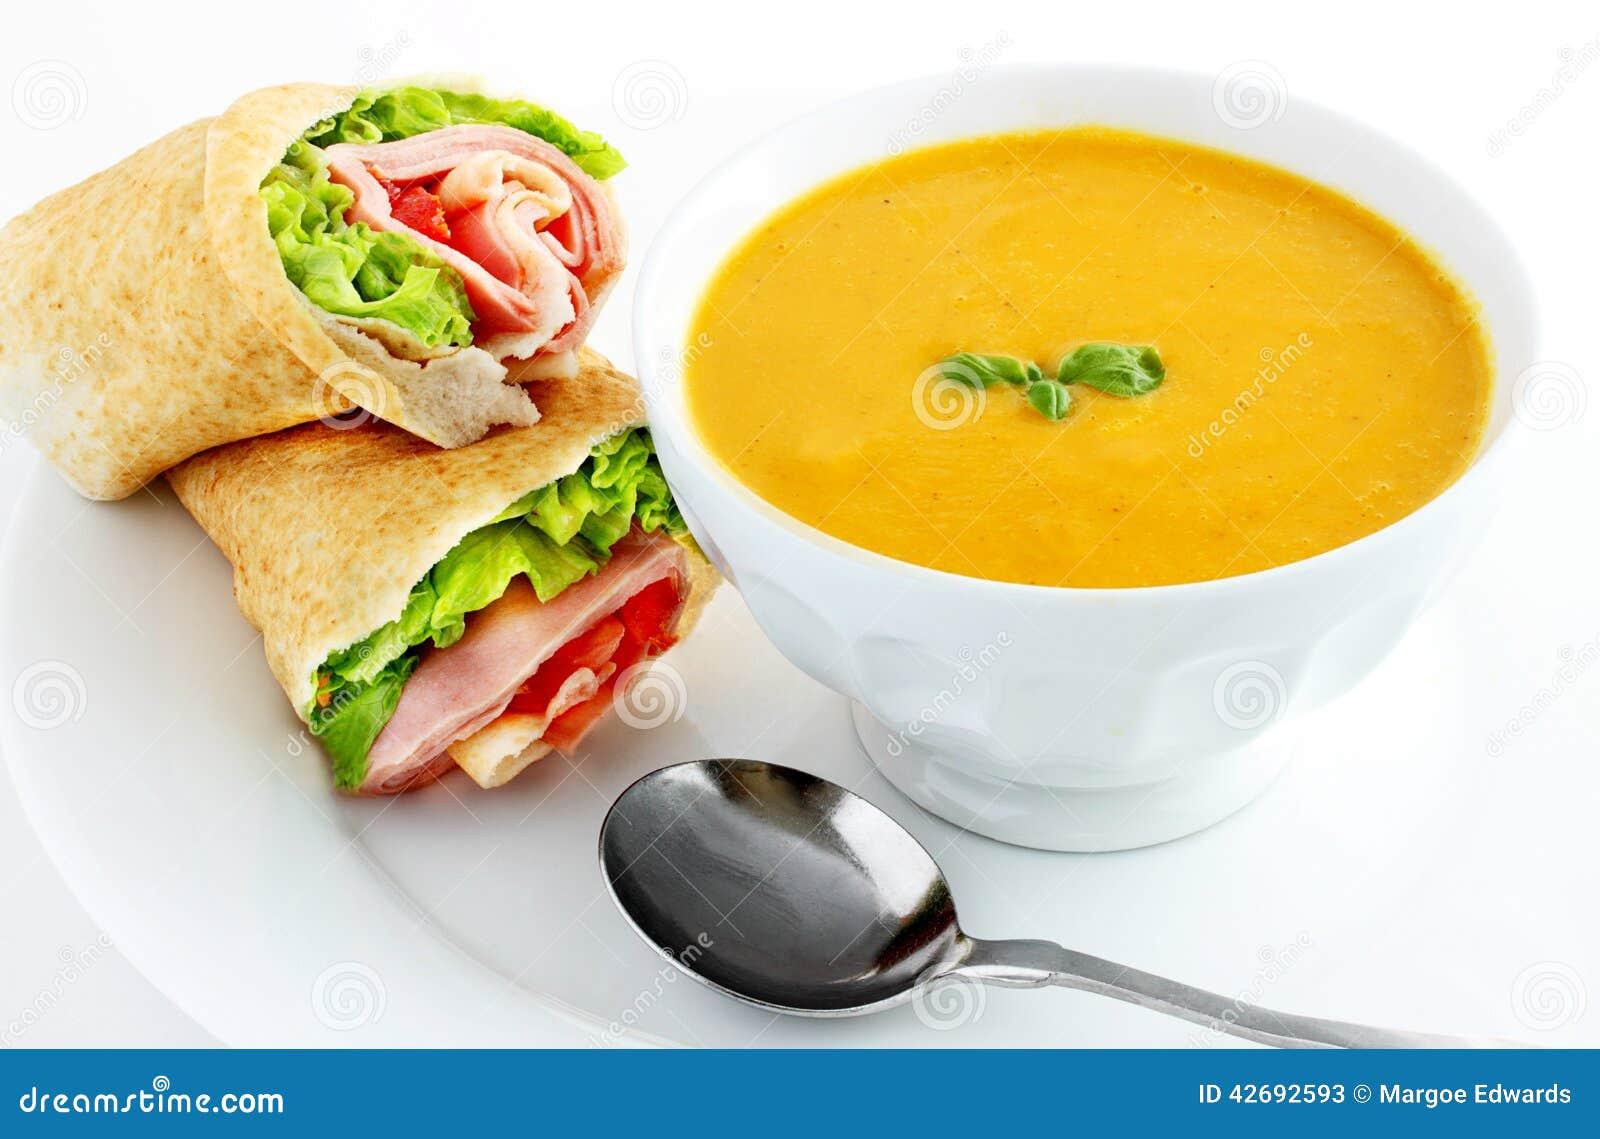 Sweet Potato Soup And ...